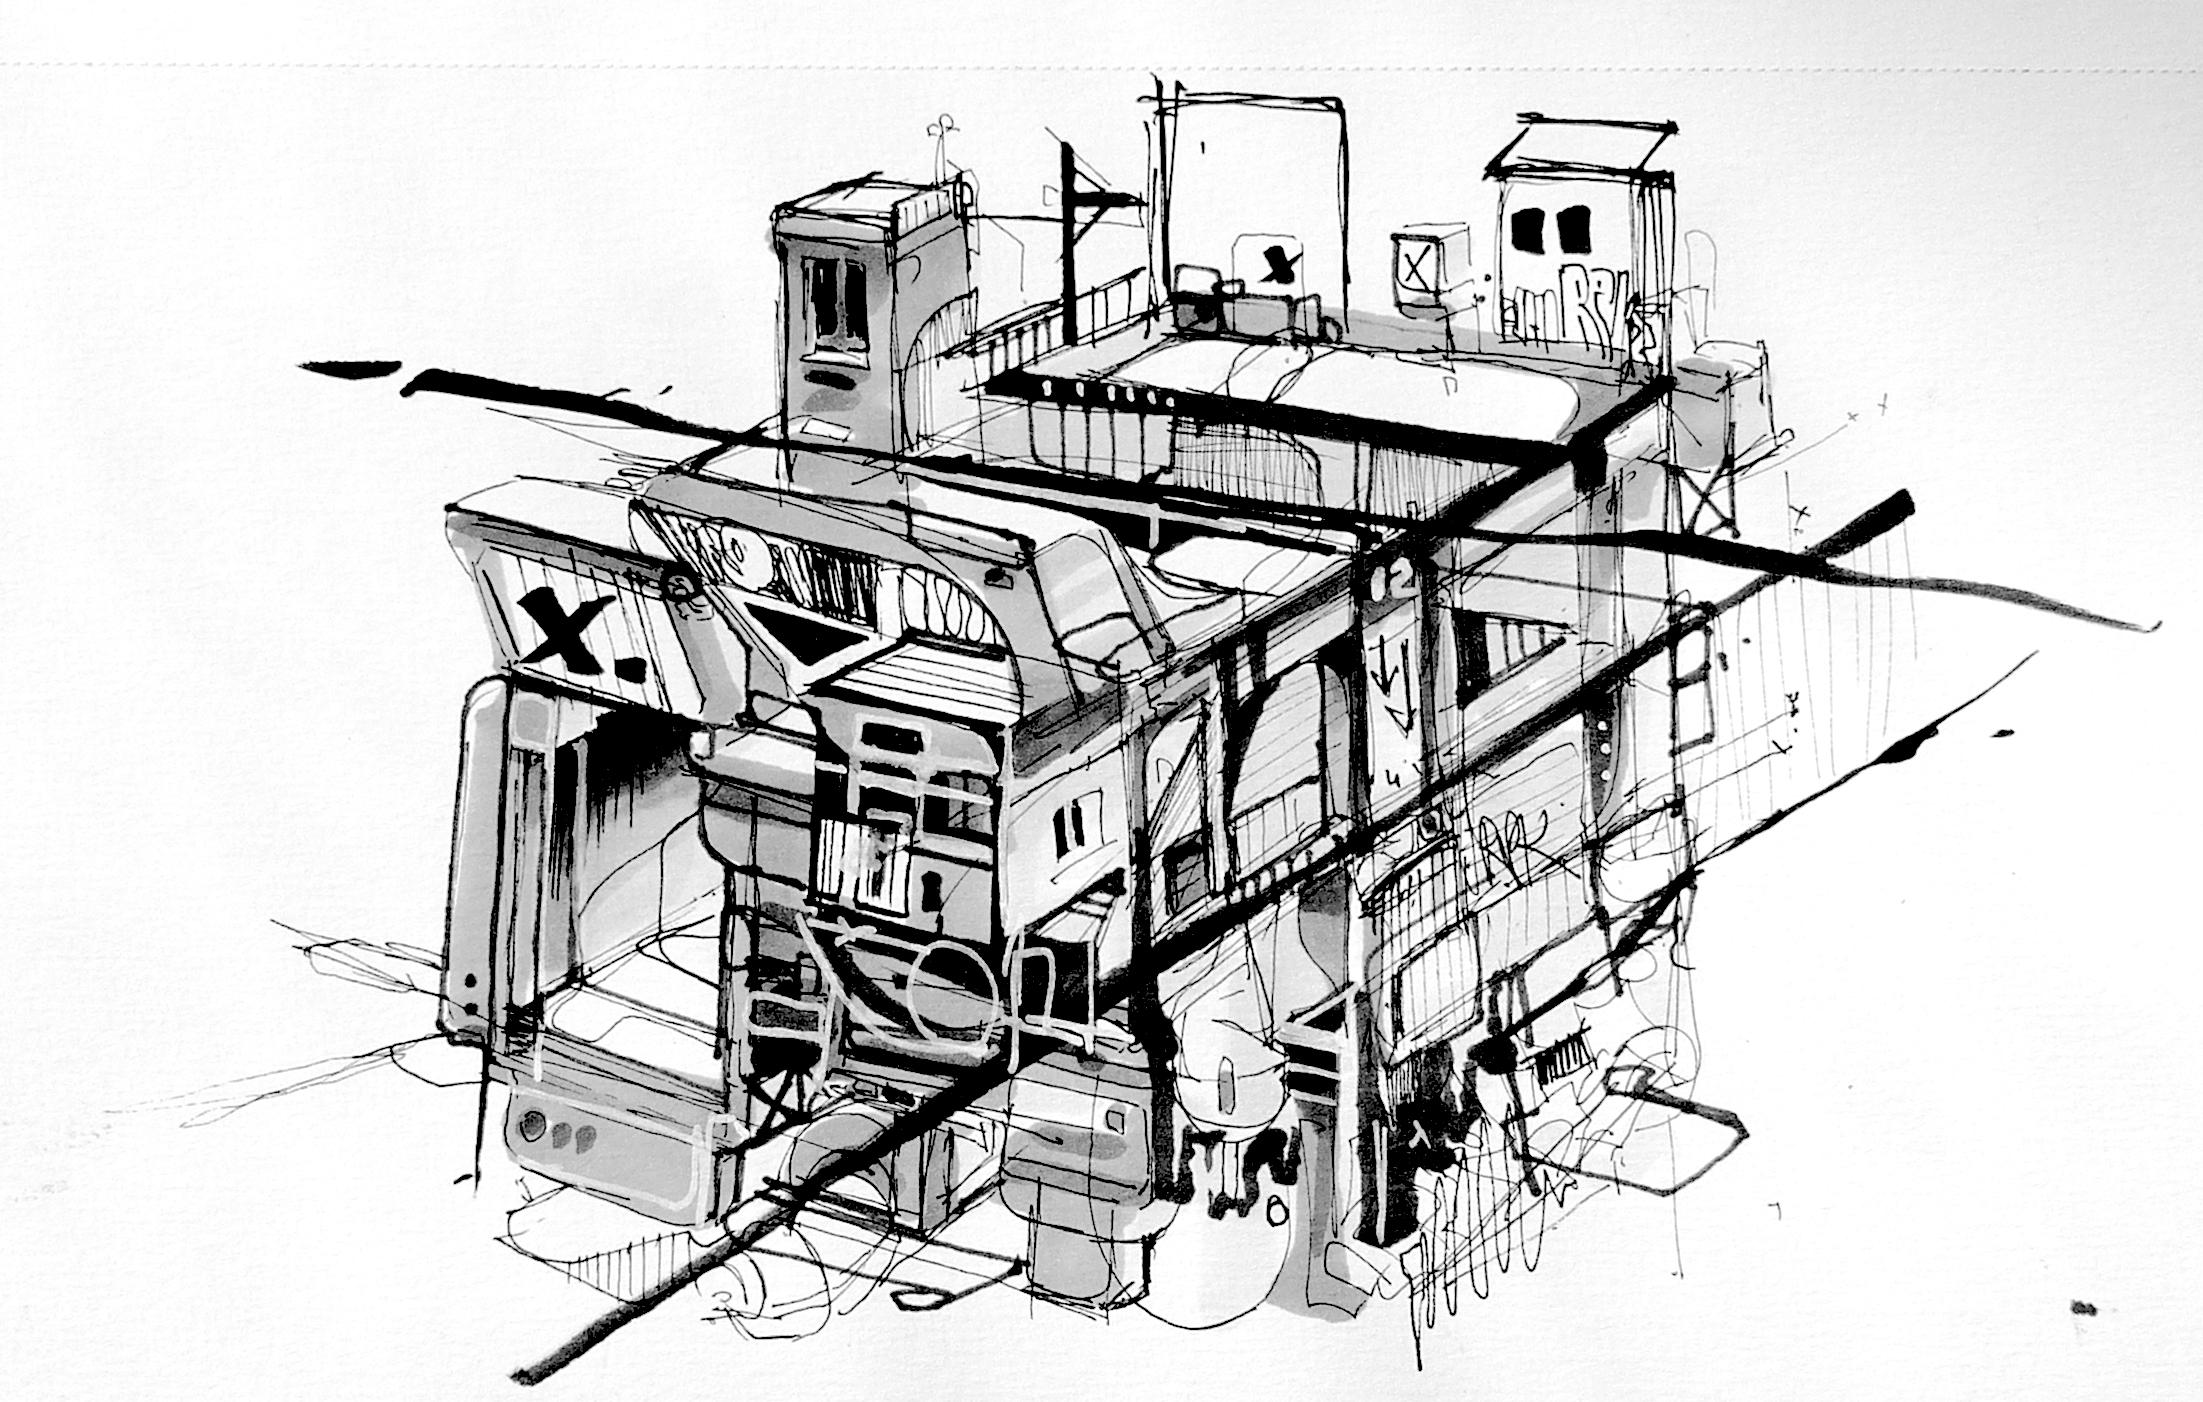 Architecture Dessin : Dessin cube architecture futuriste nadib bandi sketch